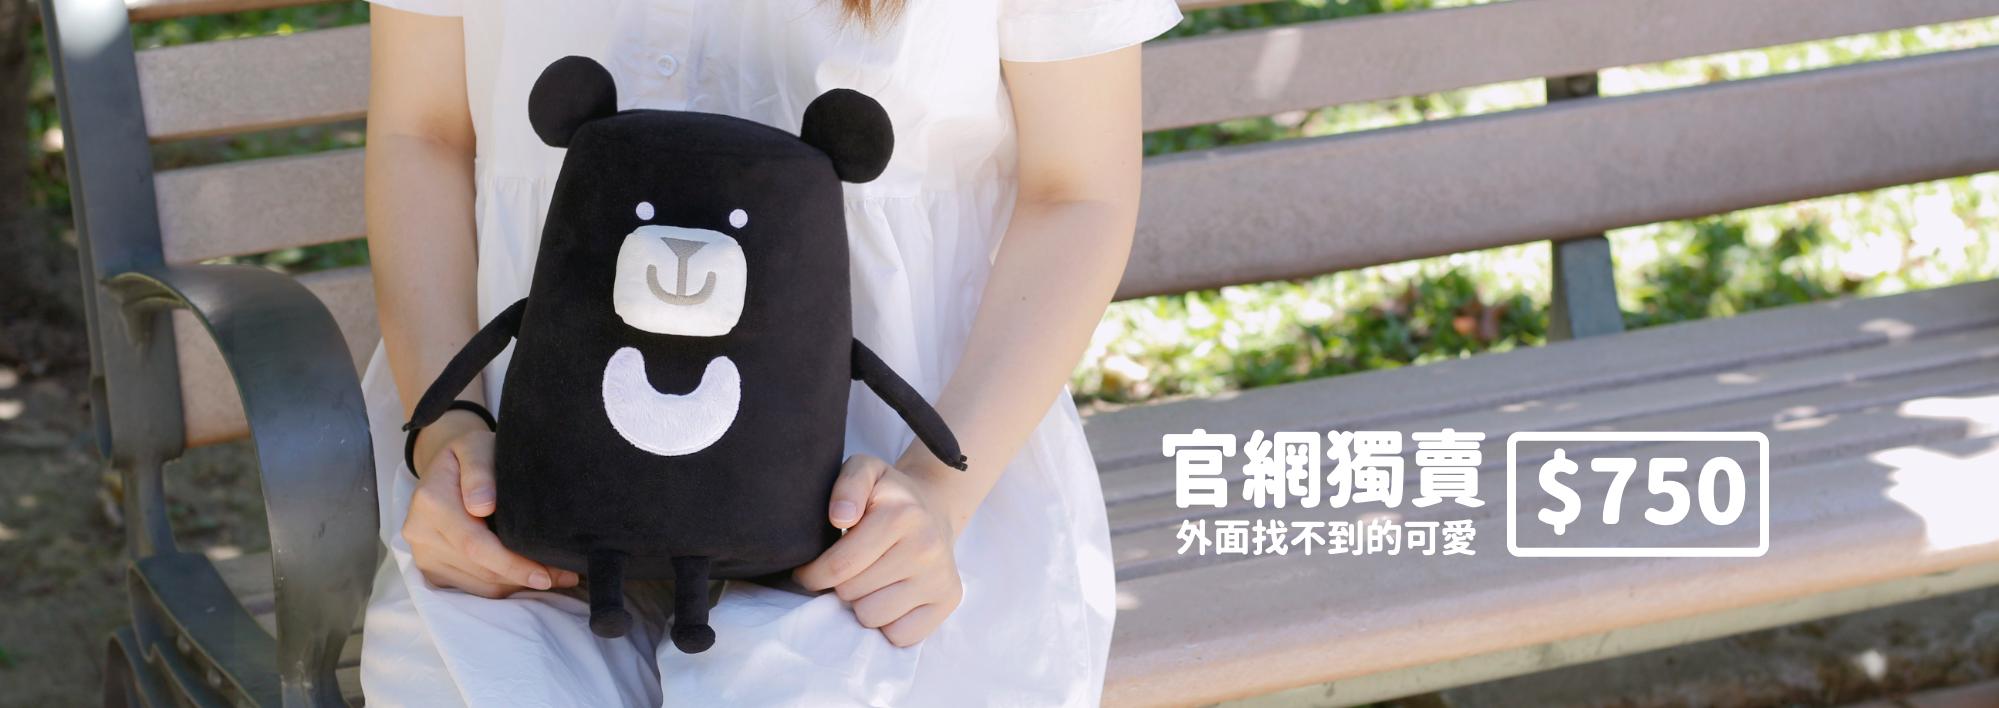 黑啤,娃娃,玩偶,坐姿玩偶,台灣黑熊,臺灣黑熊,黑熊,熊